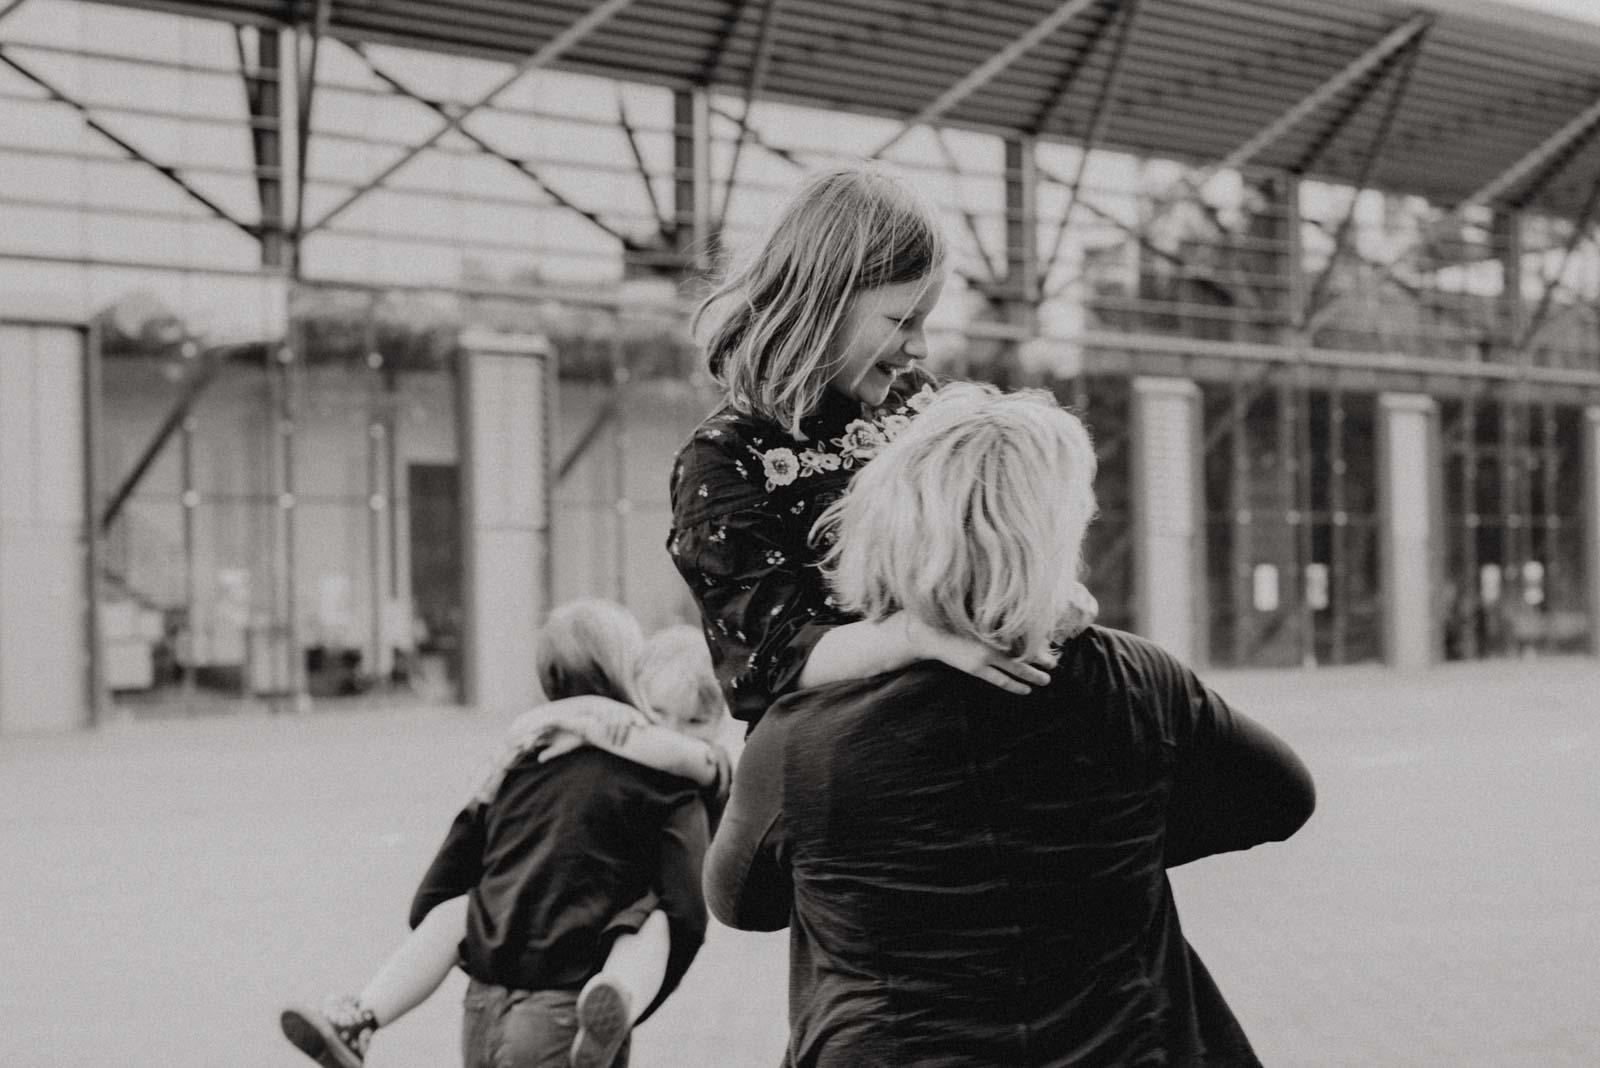 028-ungestellte-familienfotos-familienshooting-bochum-industrie-jahrhunderthalle